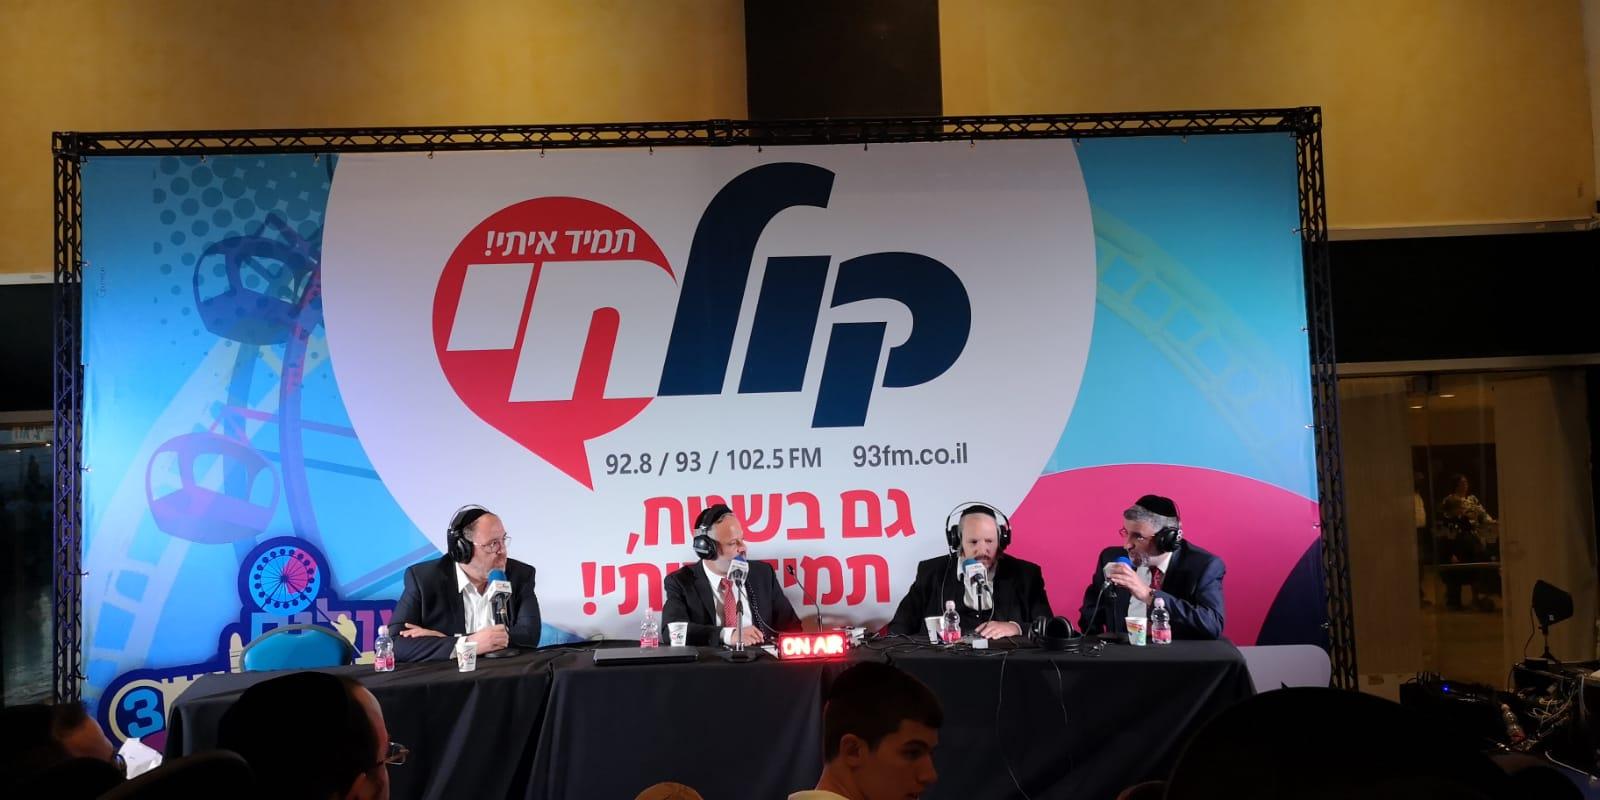 מאיר רובינשטיין, חיים כהן, יצחק ברנר ובצלאל קאהן באולפן קול חי בבניני האומה